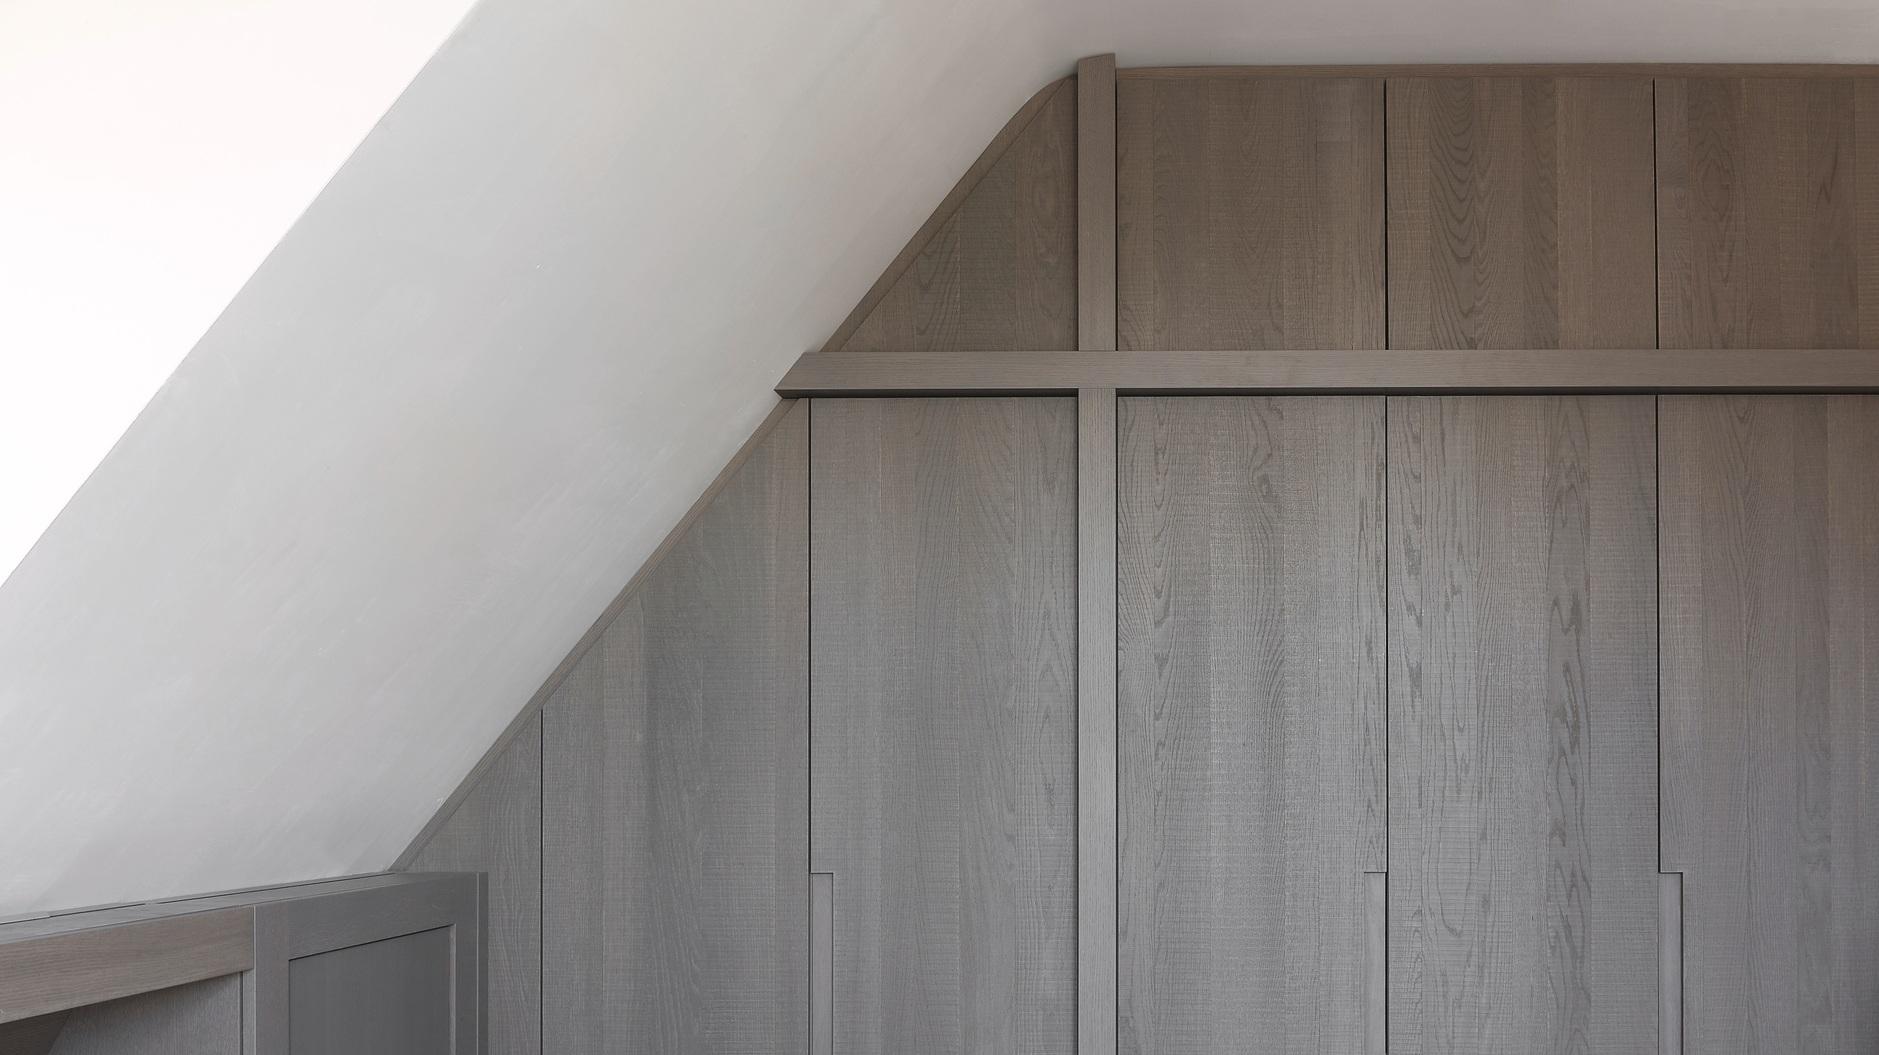 Binnenhuisinrichting van herenhuis in Gent, zicht op haard vervaardigd uit geborstelde eik fineer afgewerkt met matte vernis.